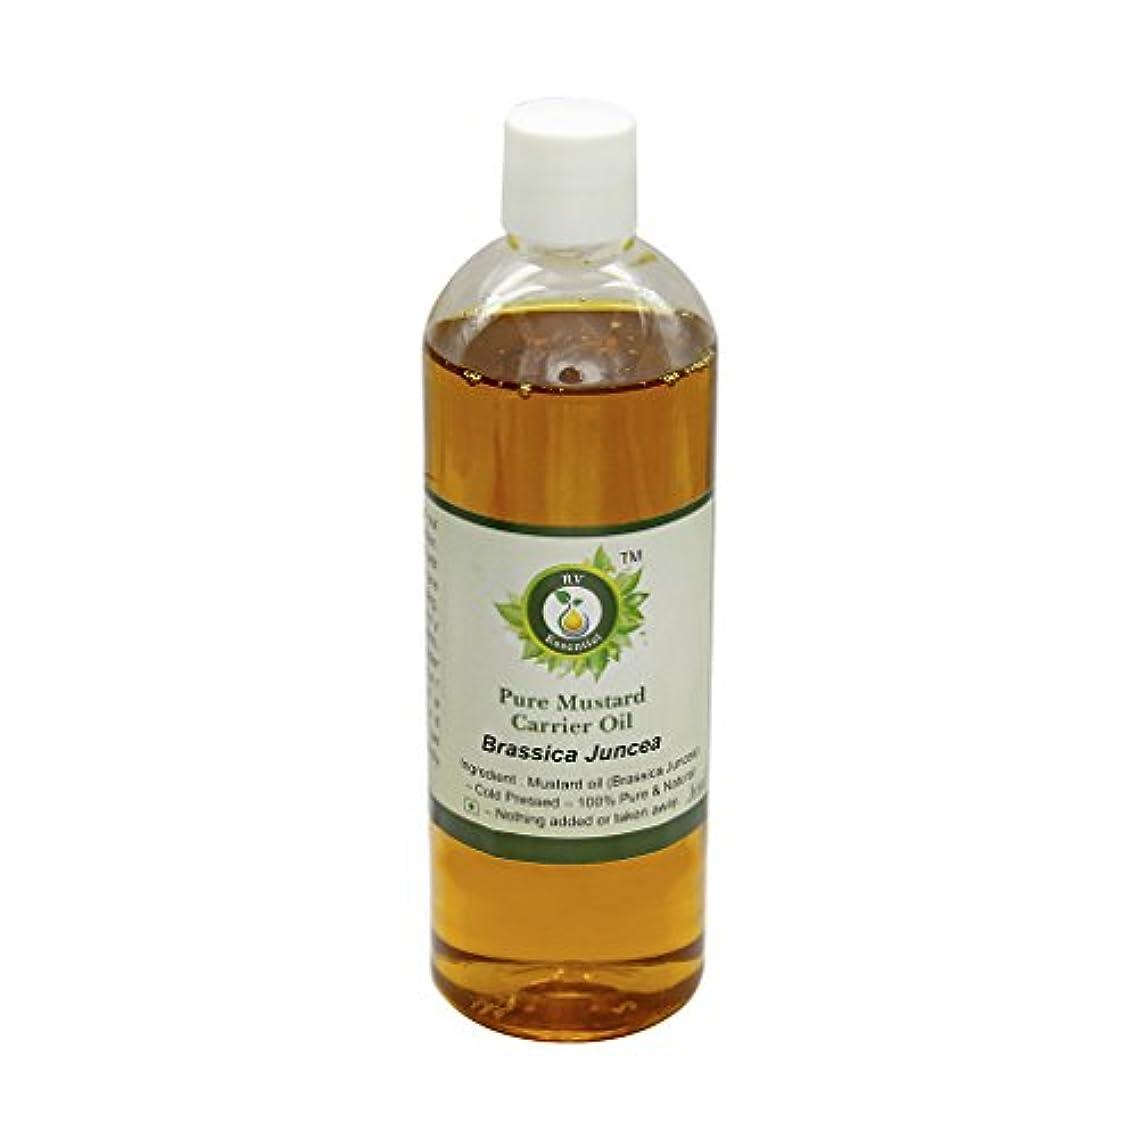 経済爆風ケーキR V Essential 純粋なマスタードキャリアオイル100ml (3.38oz)- Brassica Juncea (100%ピュア&ナチュラルコールドPressed) Pure Mustard Carrier Oil